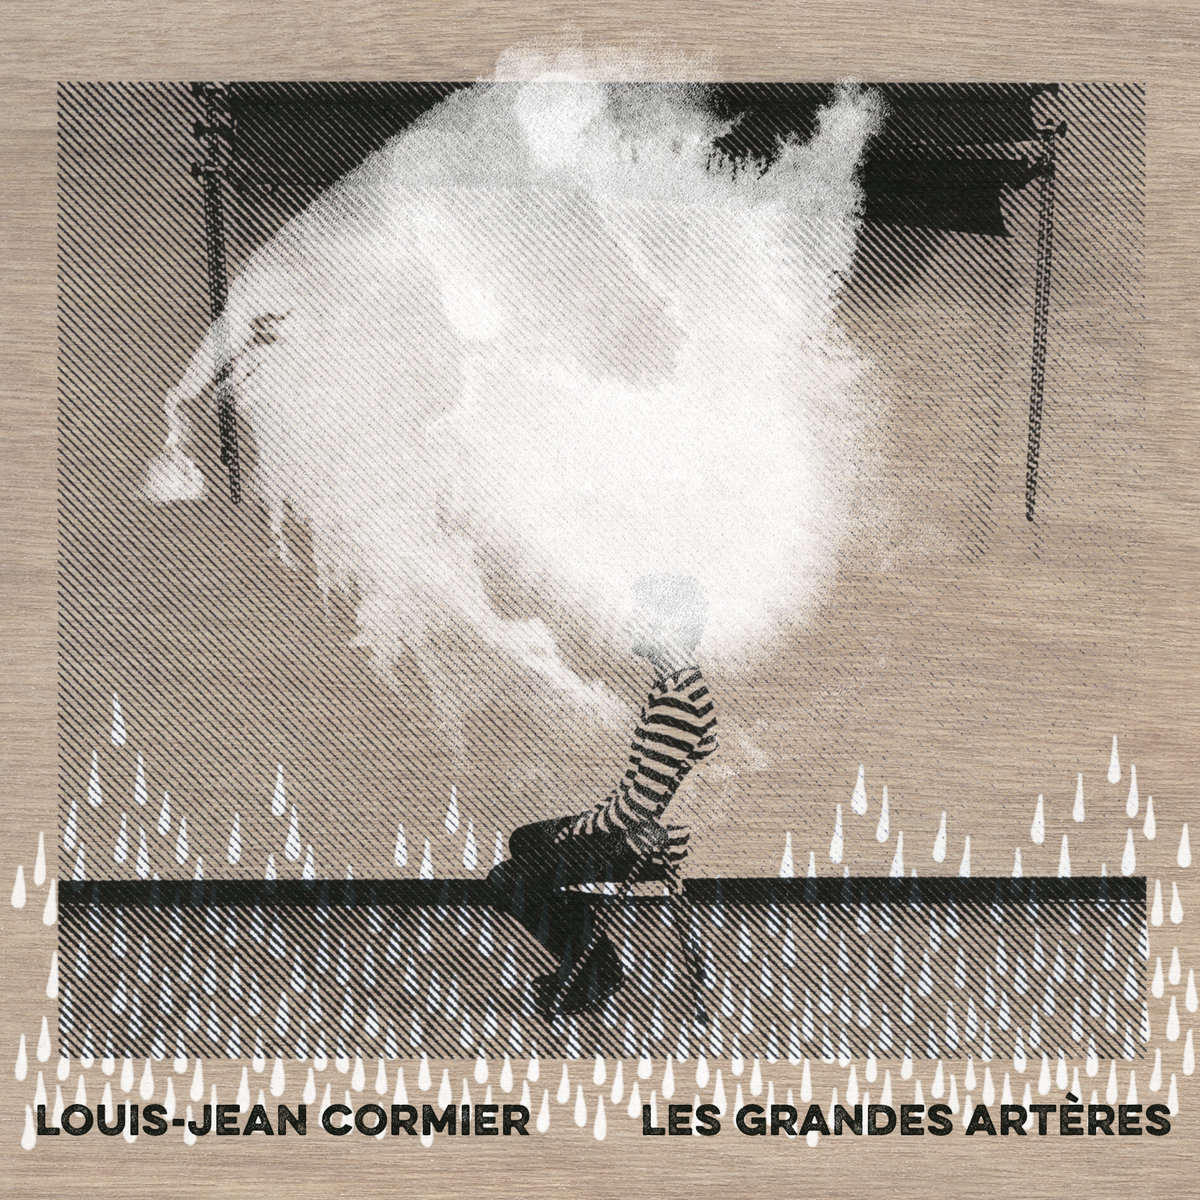 """Résultat de recherche d'images pour """"louis jean cormier album"""""""